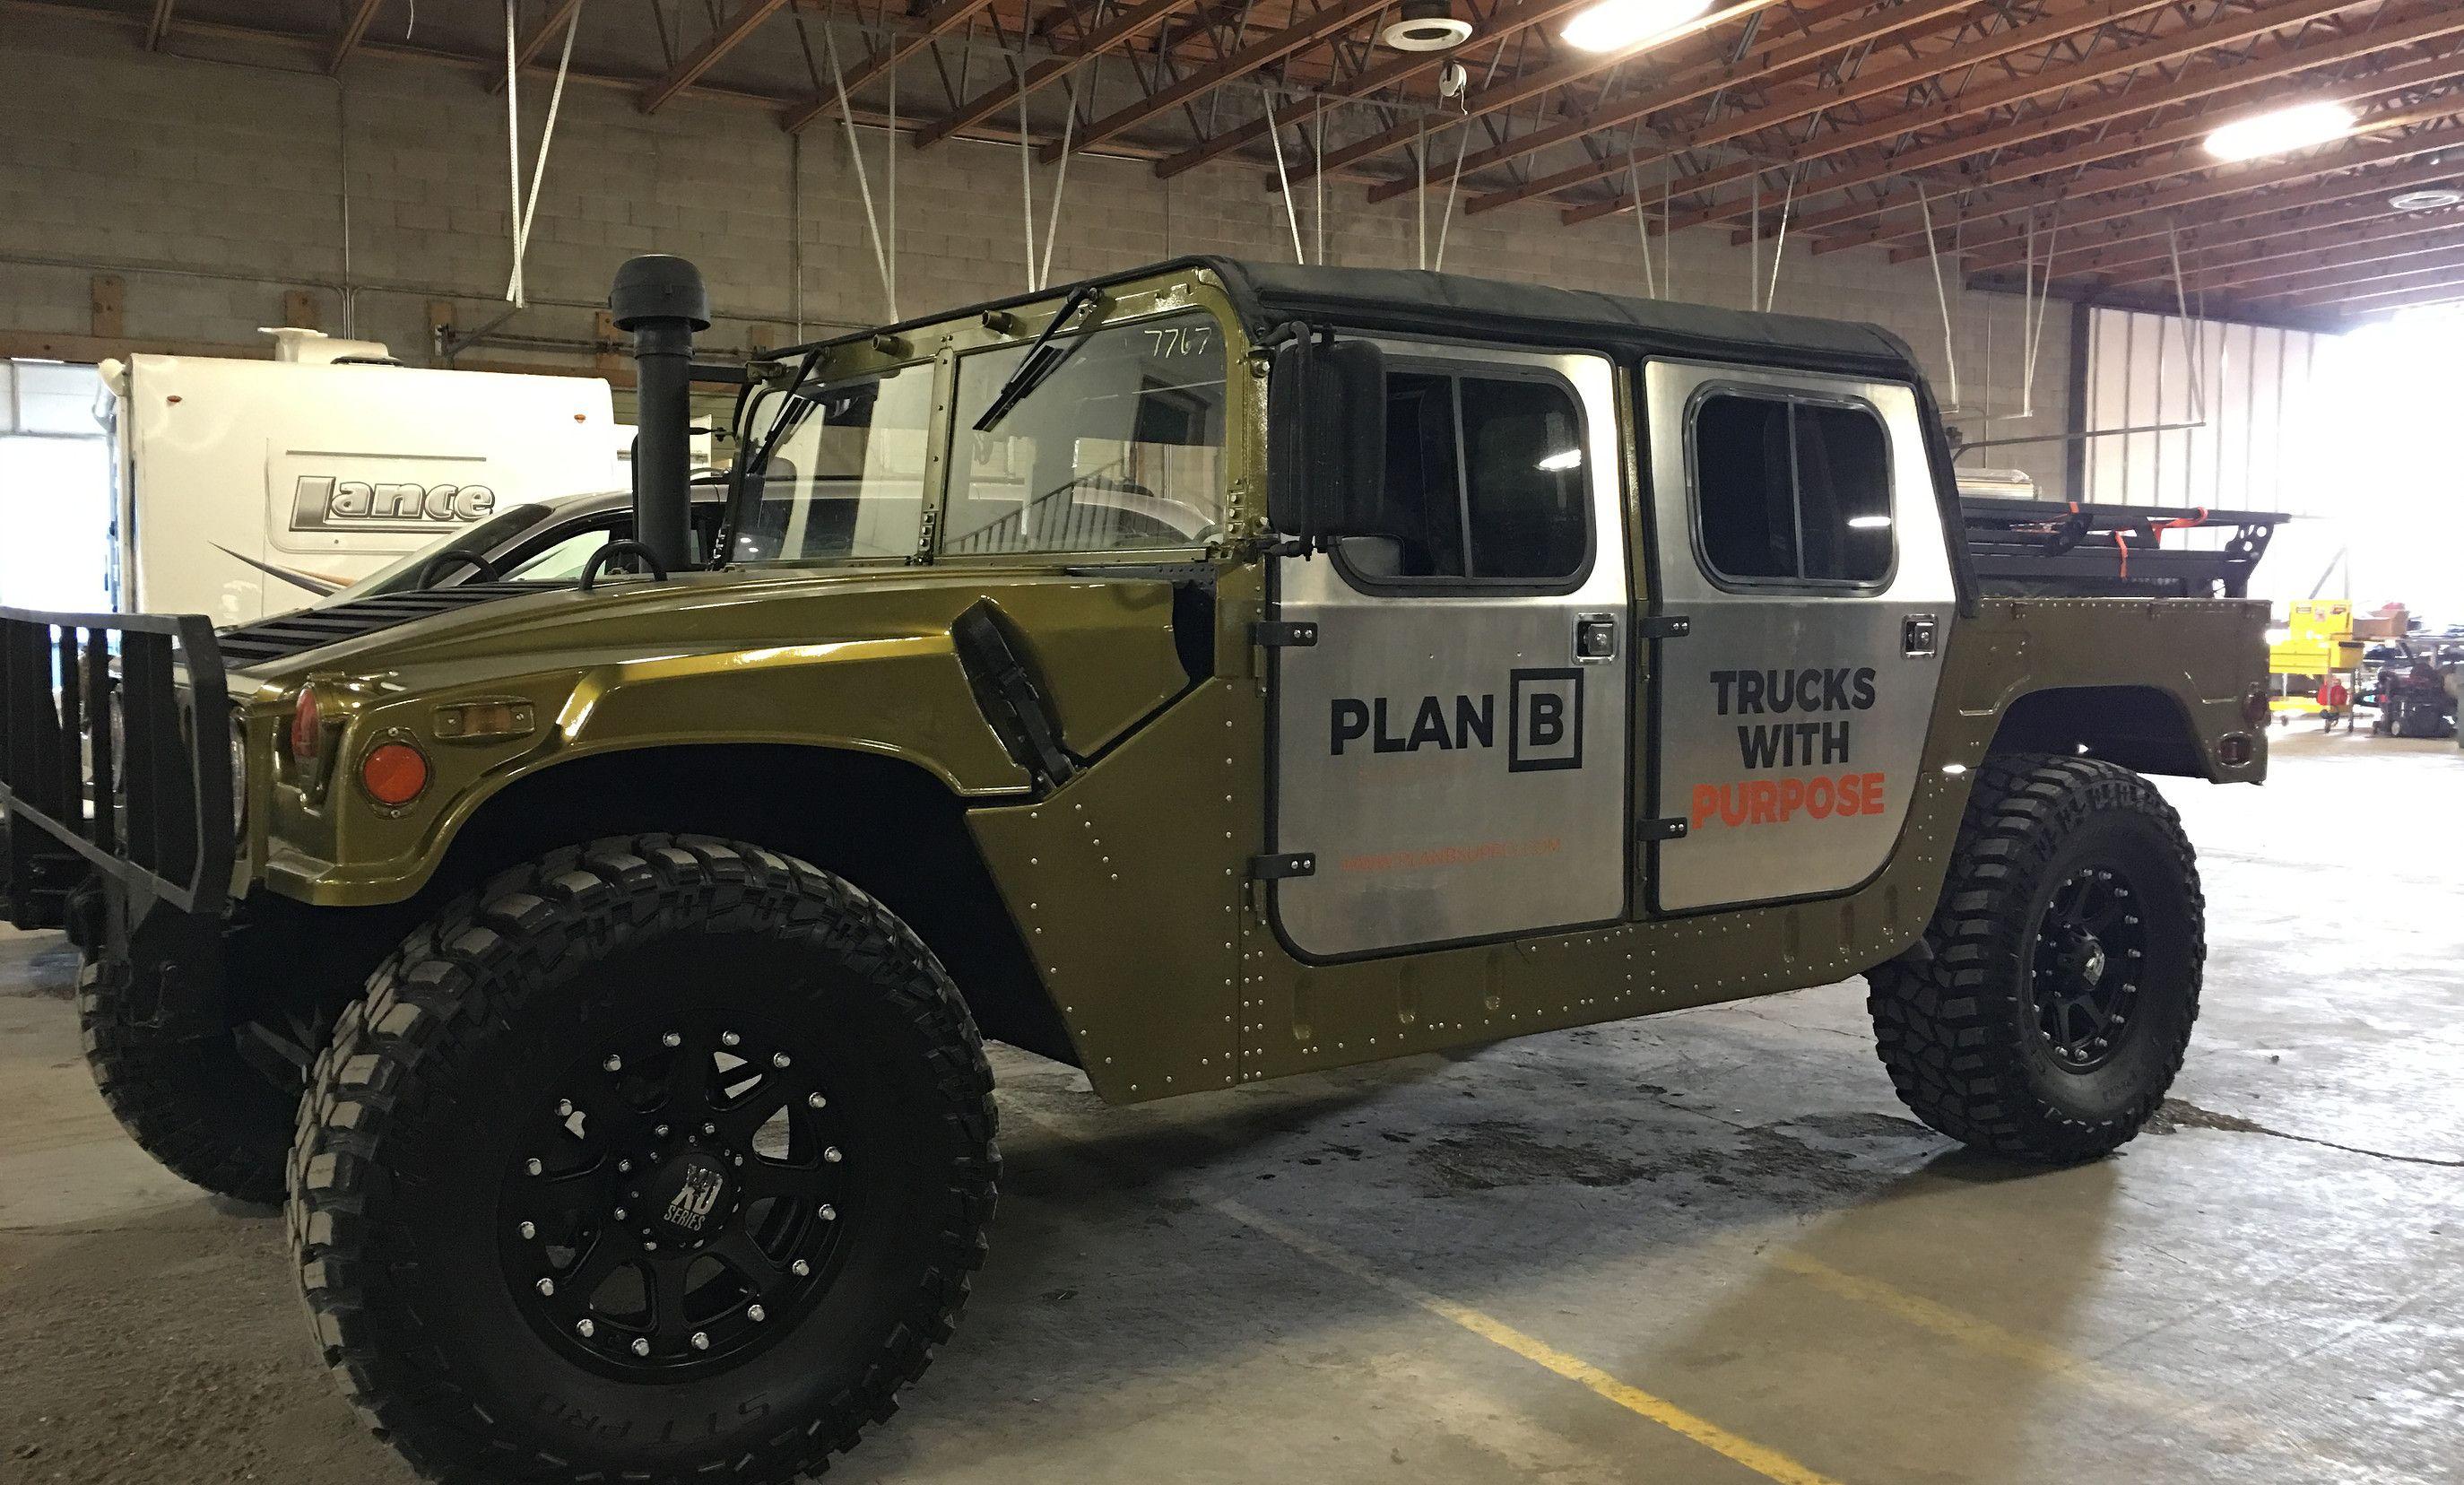 Military Hummer for sale humvee hmmwv H13 Utah MRAP Aluminum ... | hummer humvee for sale